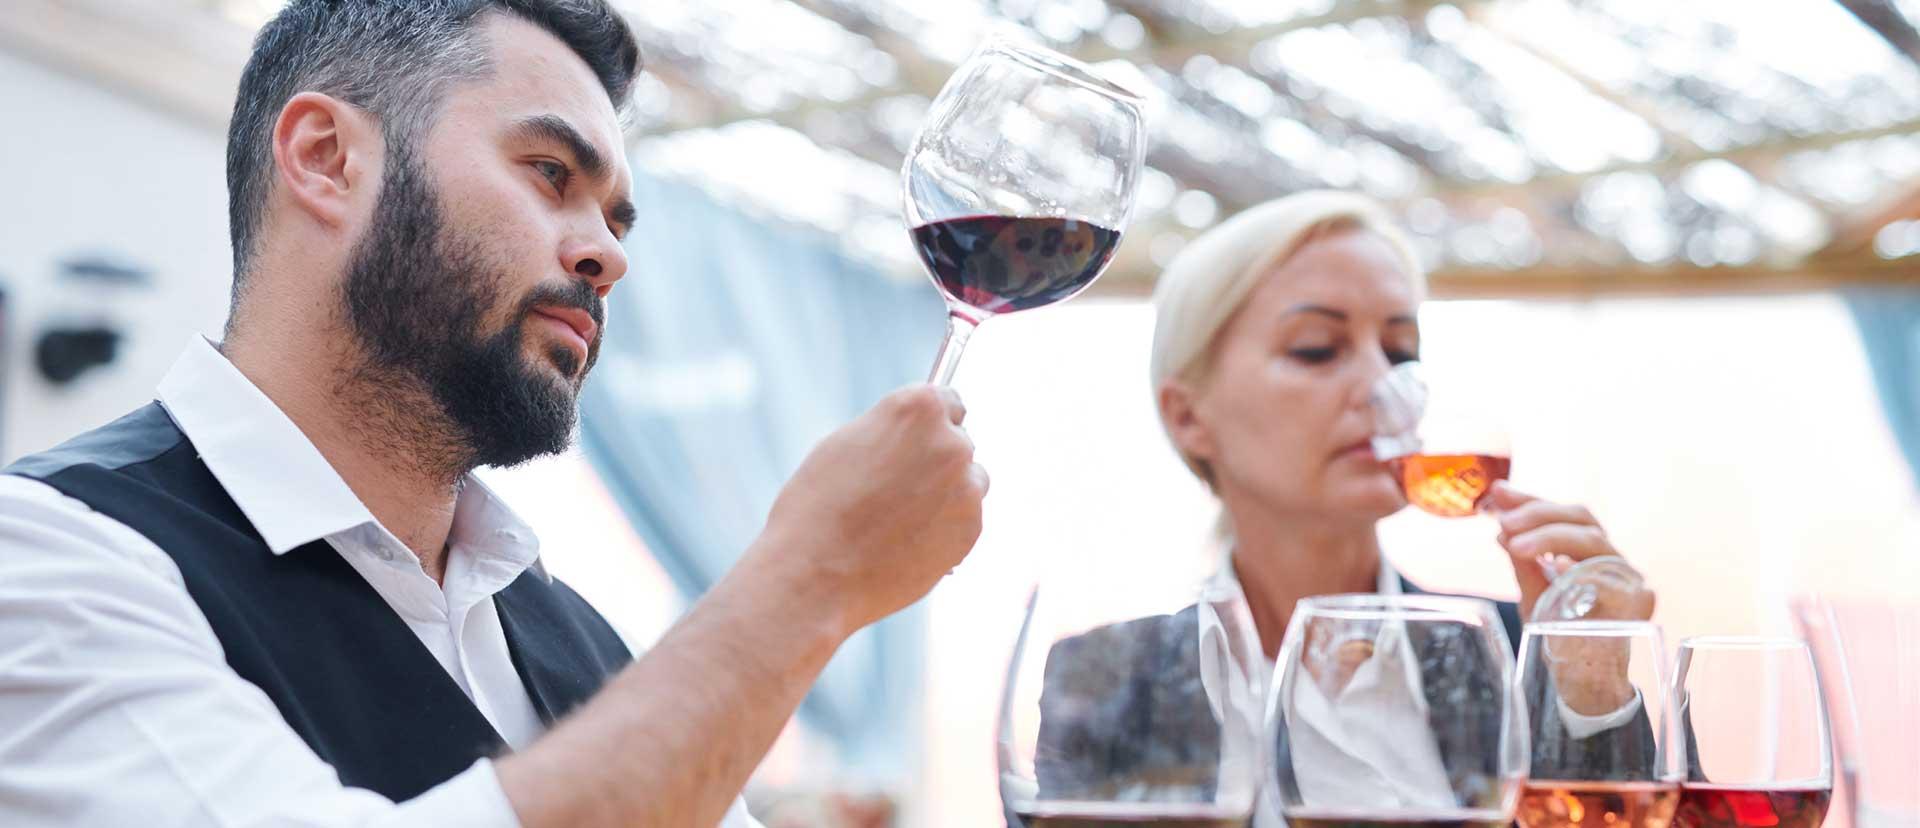 Zwei Personen bei unserer Wein Verkostung